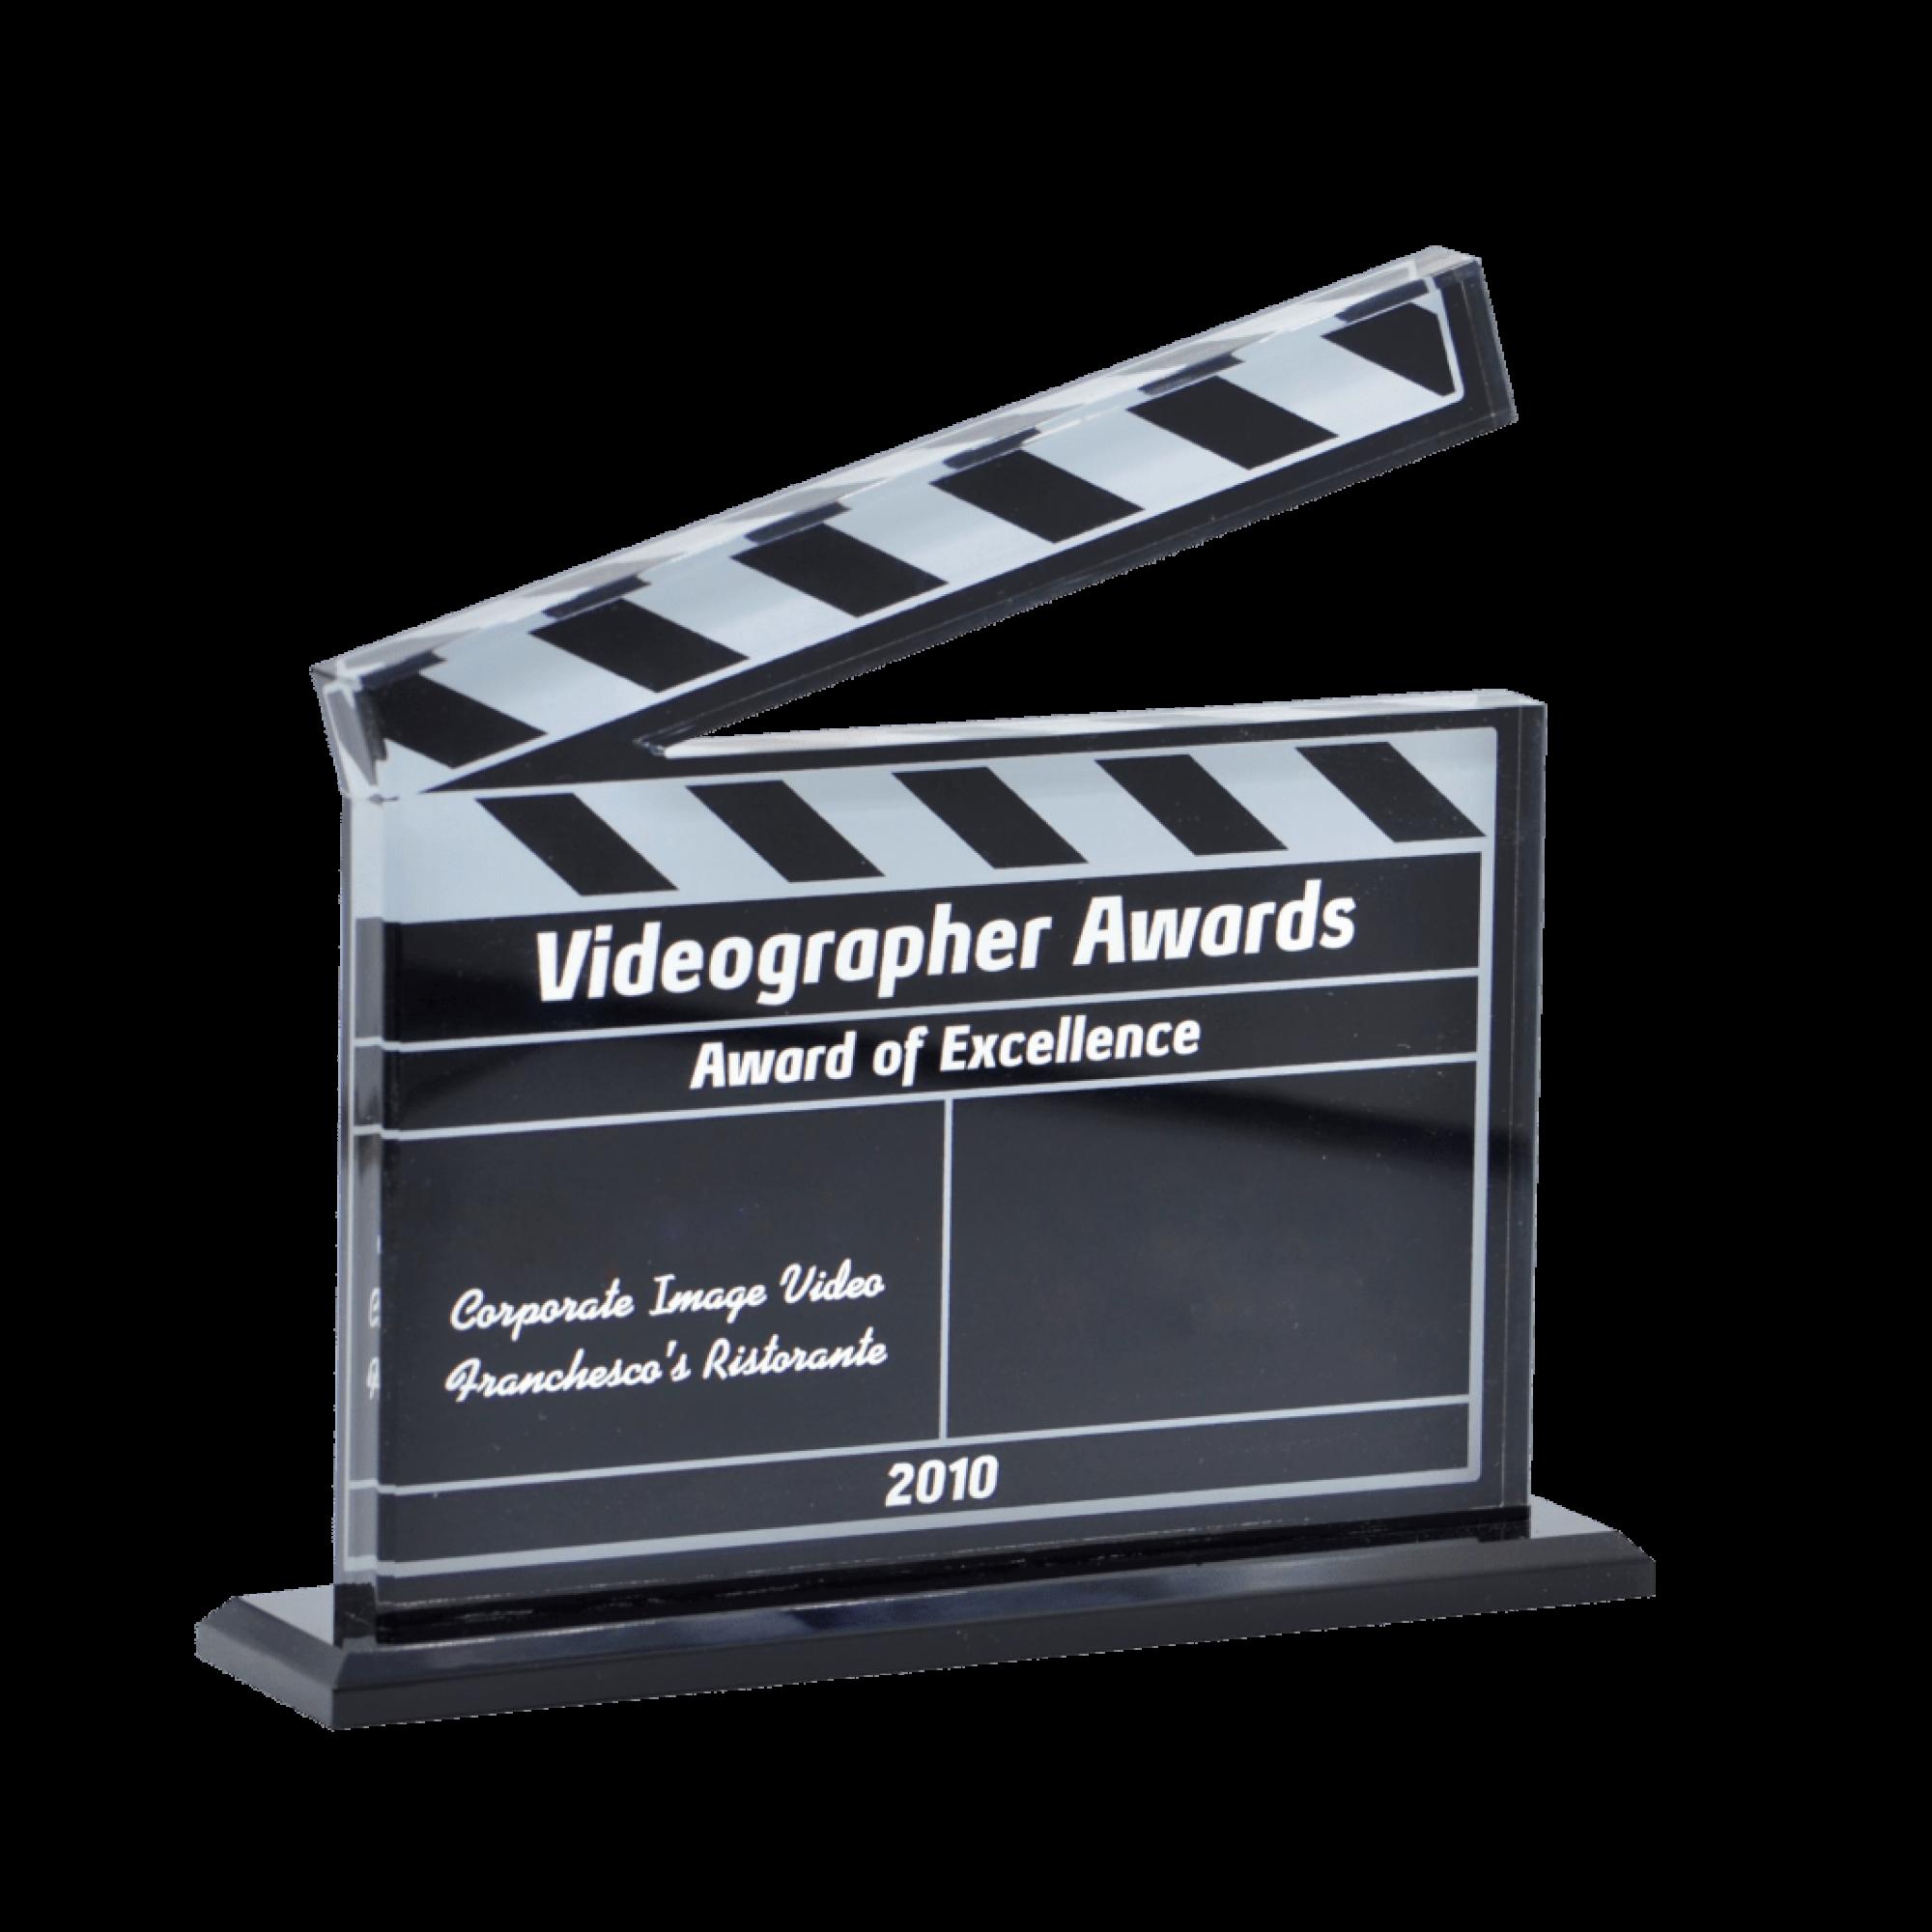 The Videographer Award